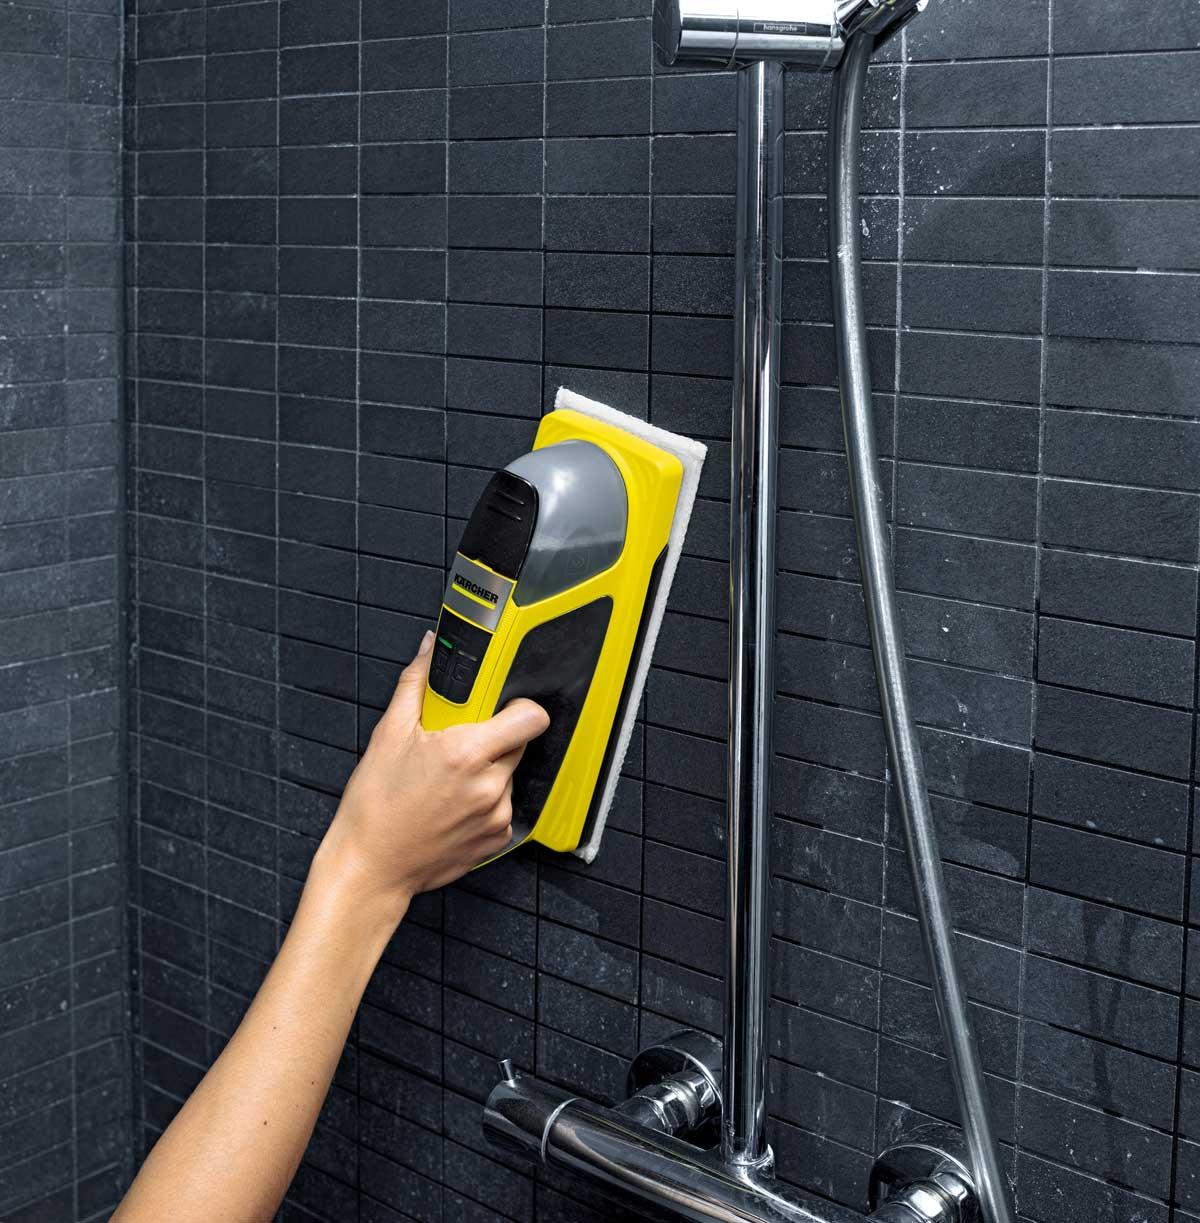 Technik Zu Hause Jetzt Noch Mehr Einfach Sauber Karcher Akku Wischer Kv 4 Mit Neuen Tuchern